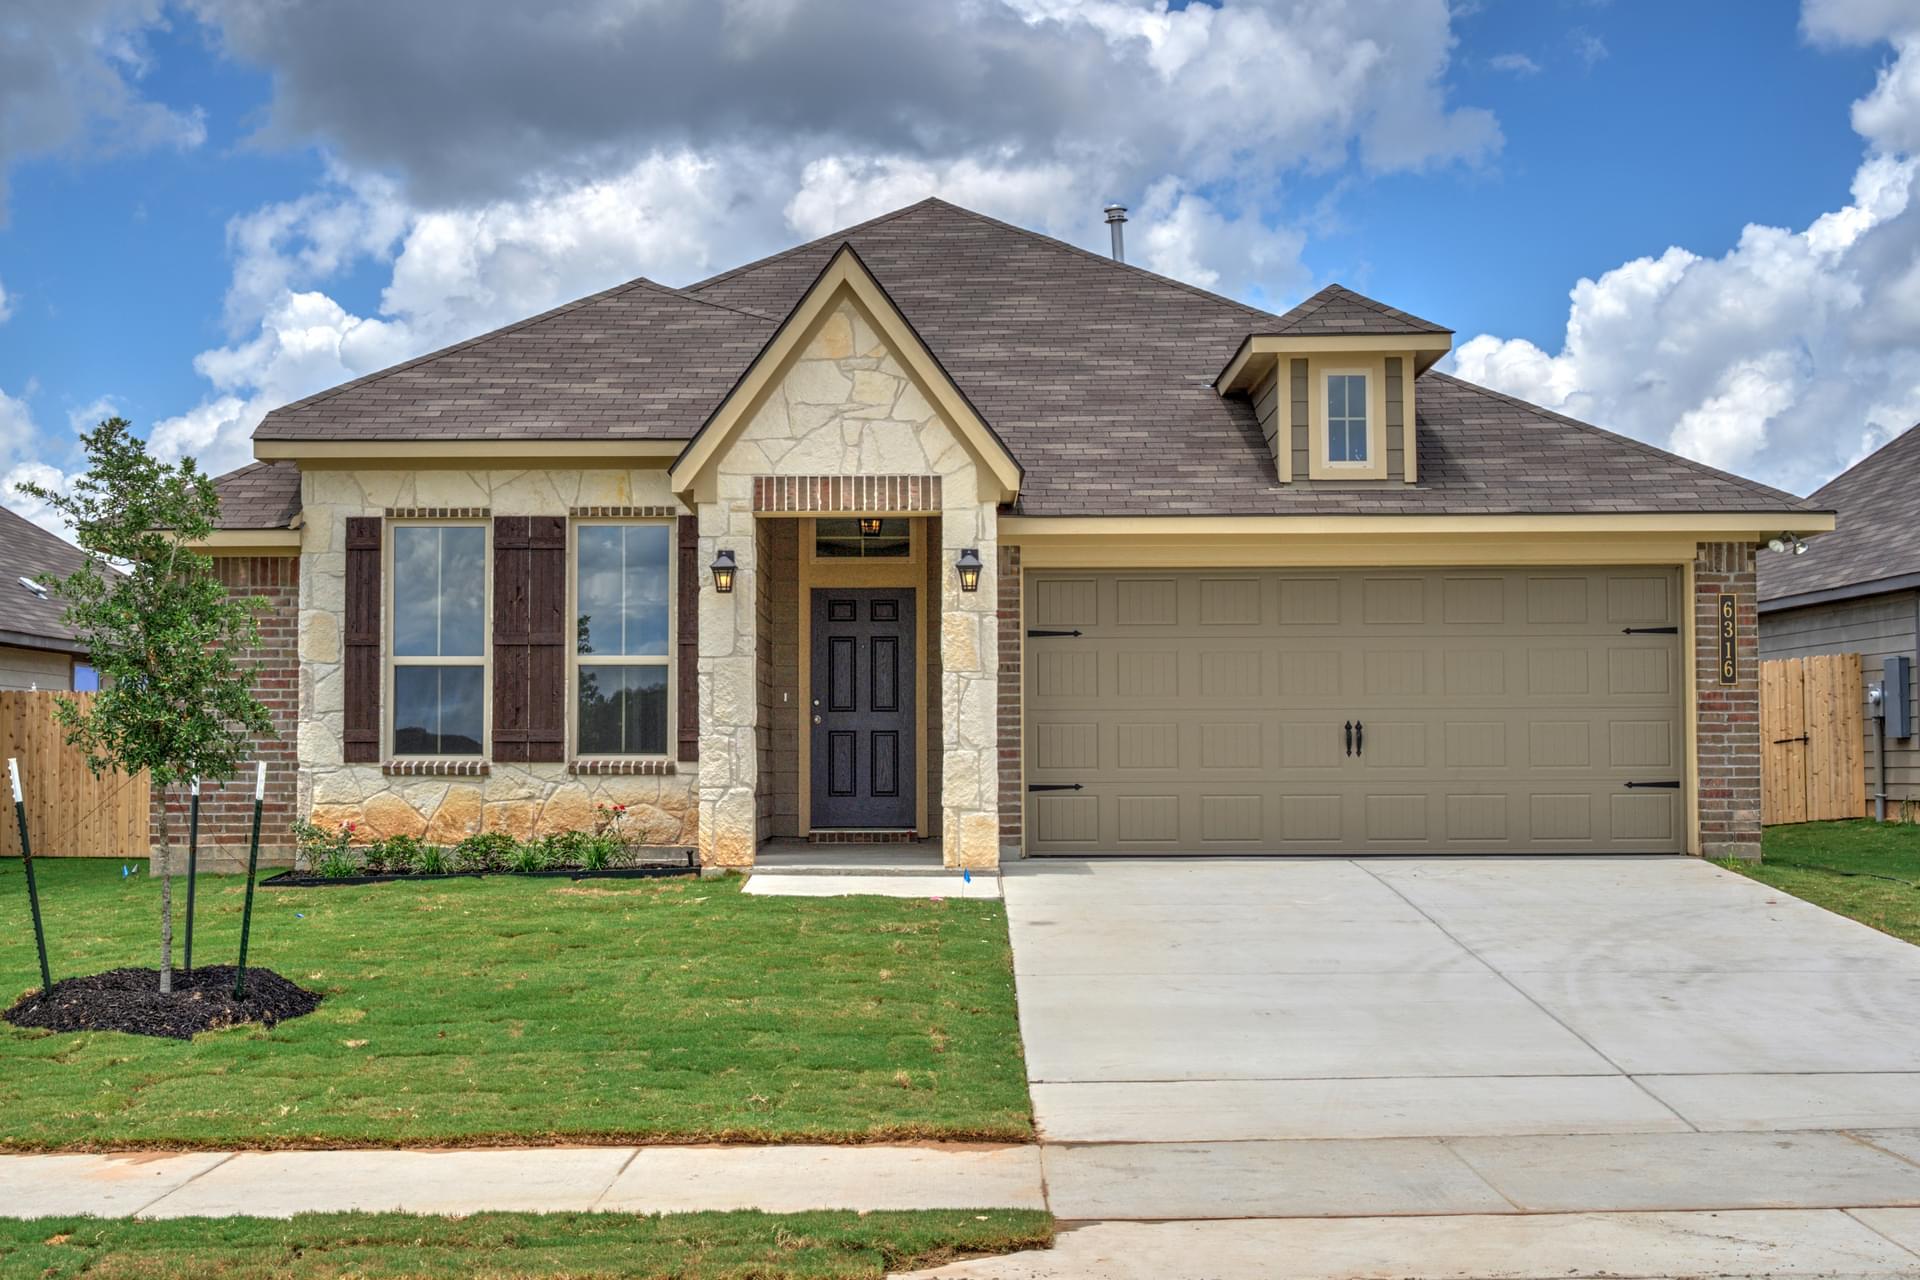 10116 Mickler Lane in Waco, TX